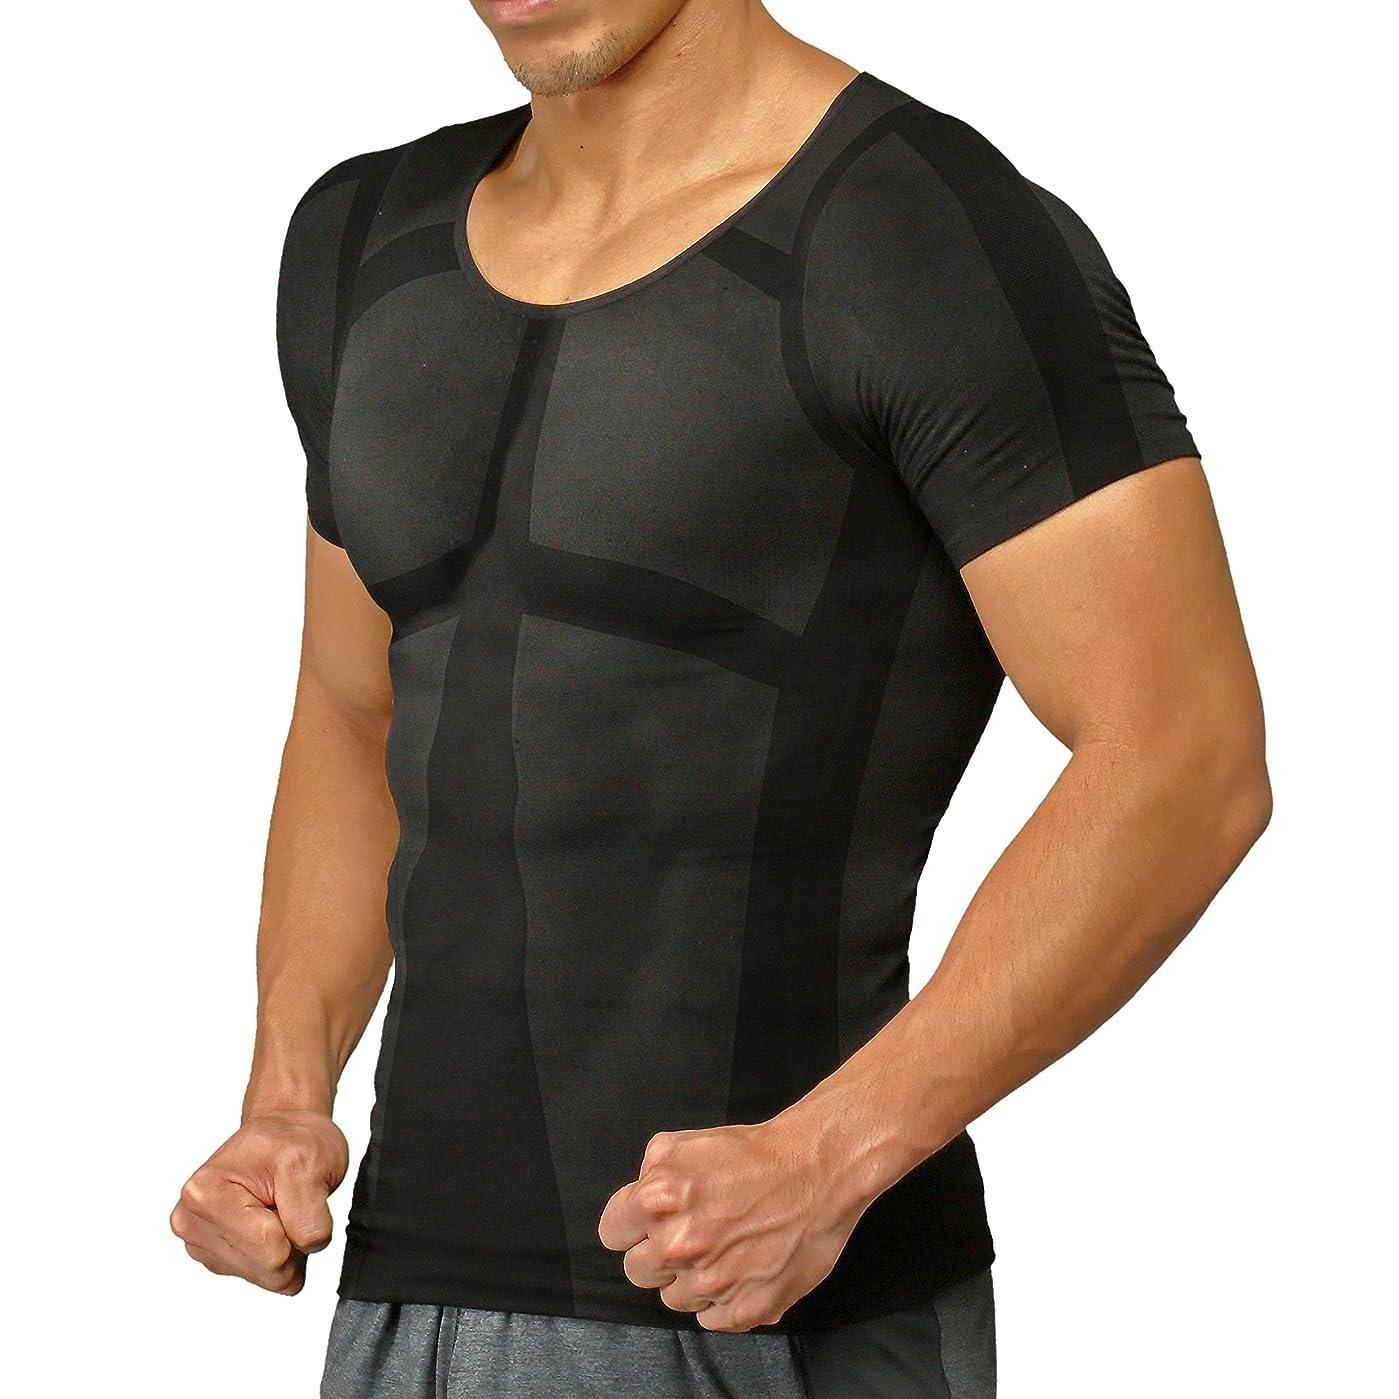 傀儡フィードコールド加圧シャツ ヒロミプロデュース パンプマッスルビルダーTシャツ(Lサイズ/ブラック)